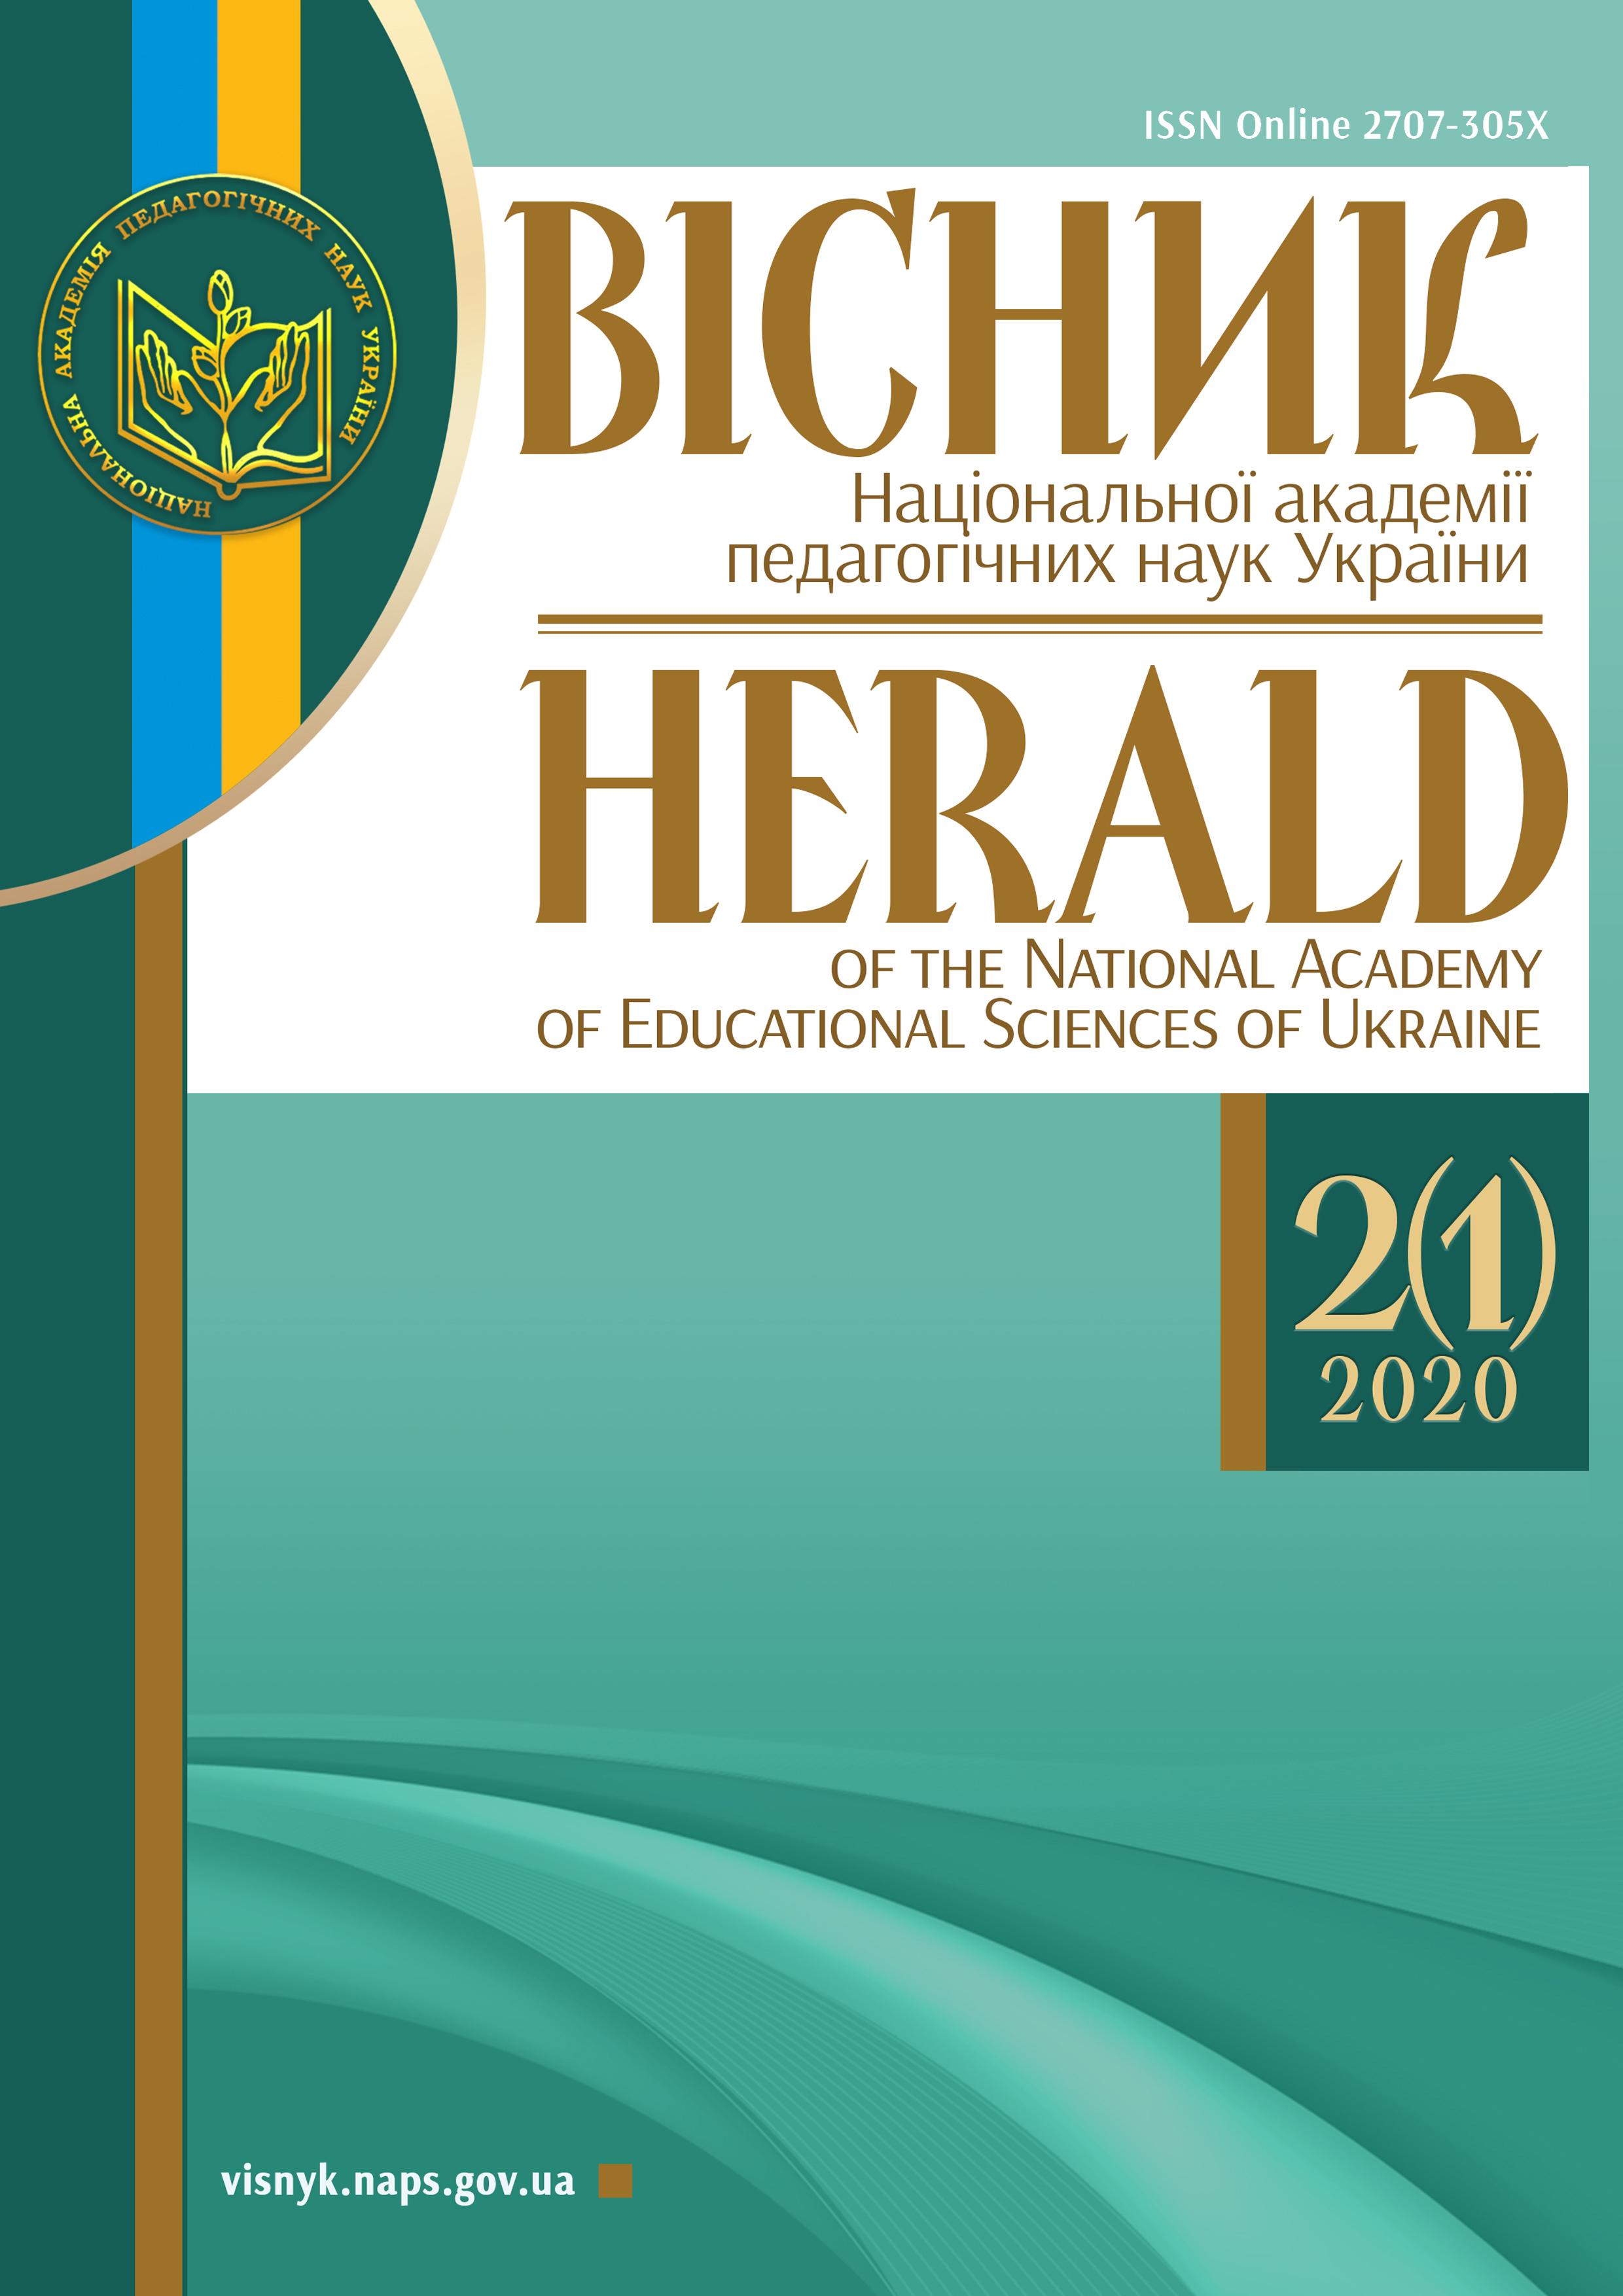 Вісник Національної академії педагогічних наук України, Том 2, № 1 (2020)